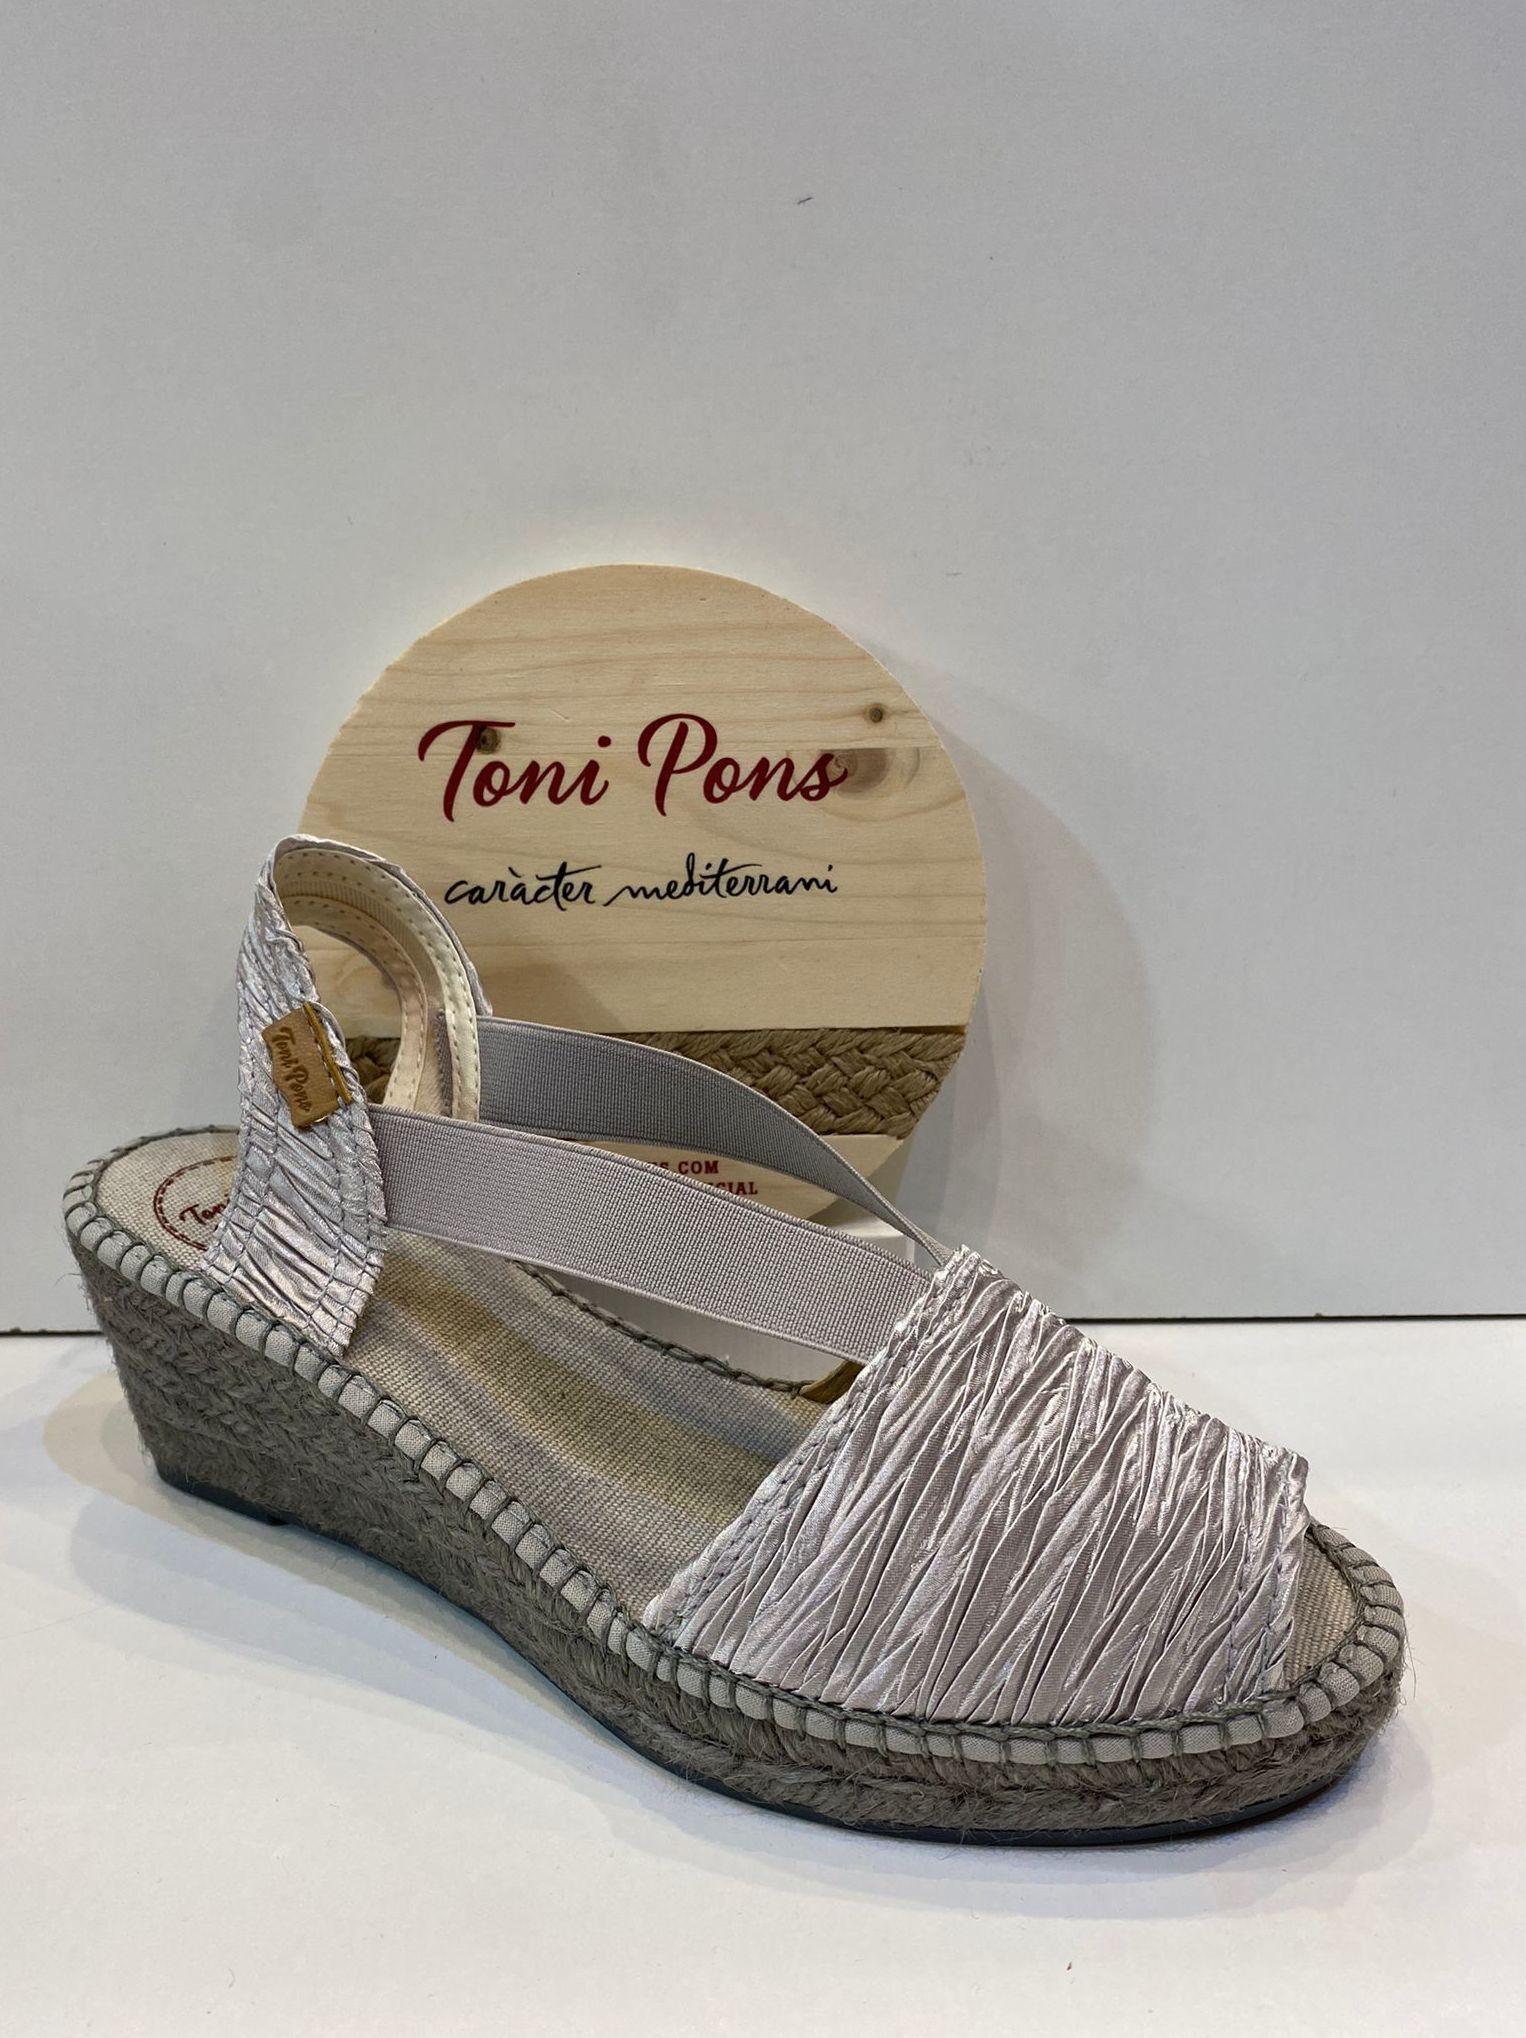 Espardenya d'espart, de la marca Toni Pons, de seda, amb plantilla encoixinada, 7 cm de cunya 59.95€